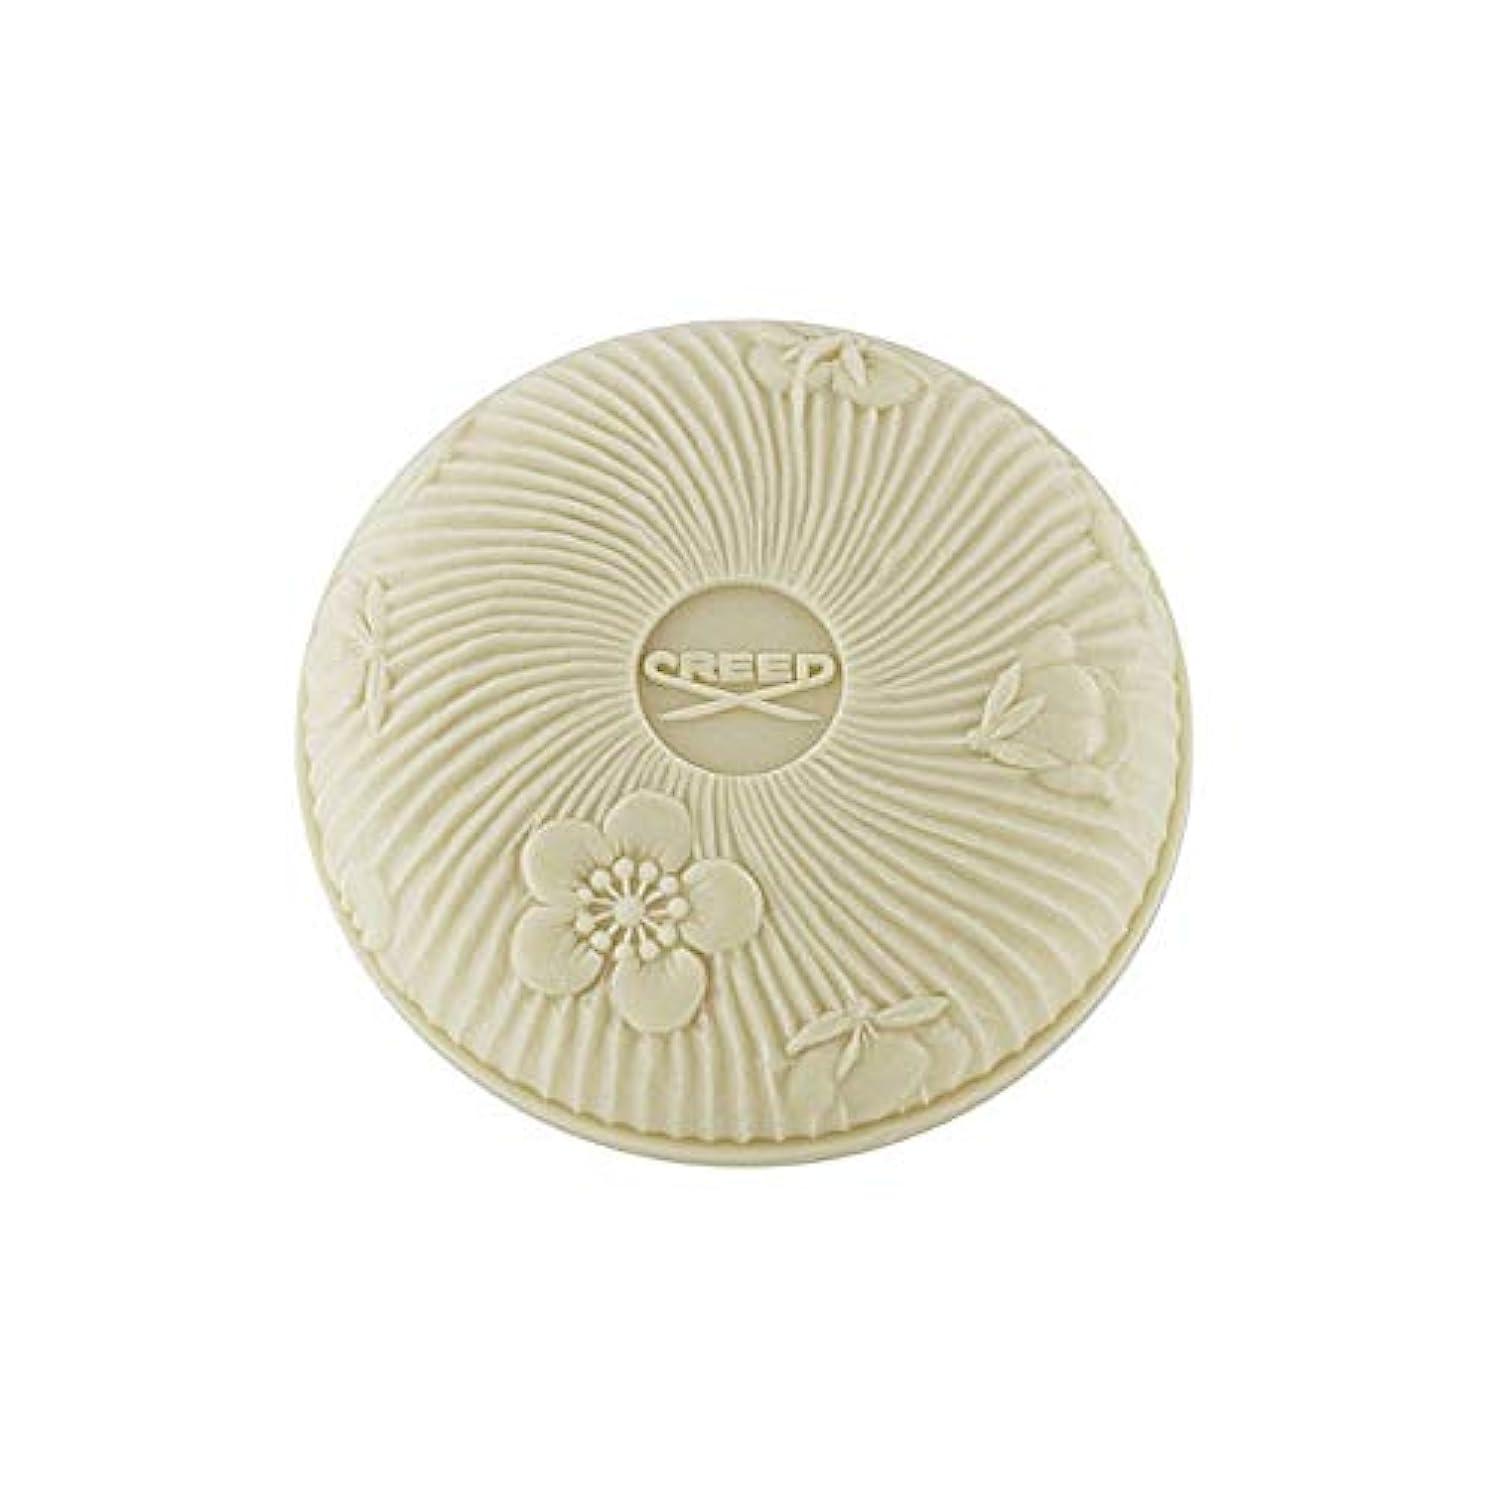 呼ぶすずめ怖い[Creed ] 白い石鹸150グラムで信条愛 - Creed Love In White Soap 150G [並行輸入品]